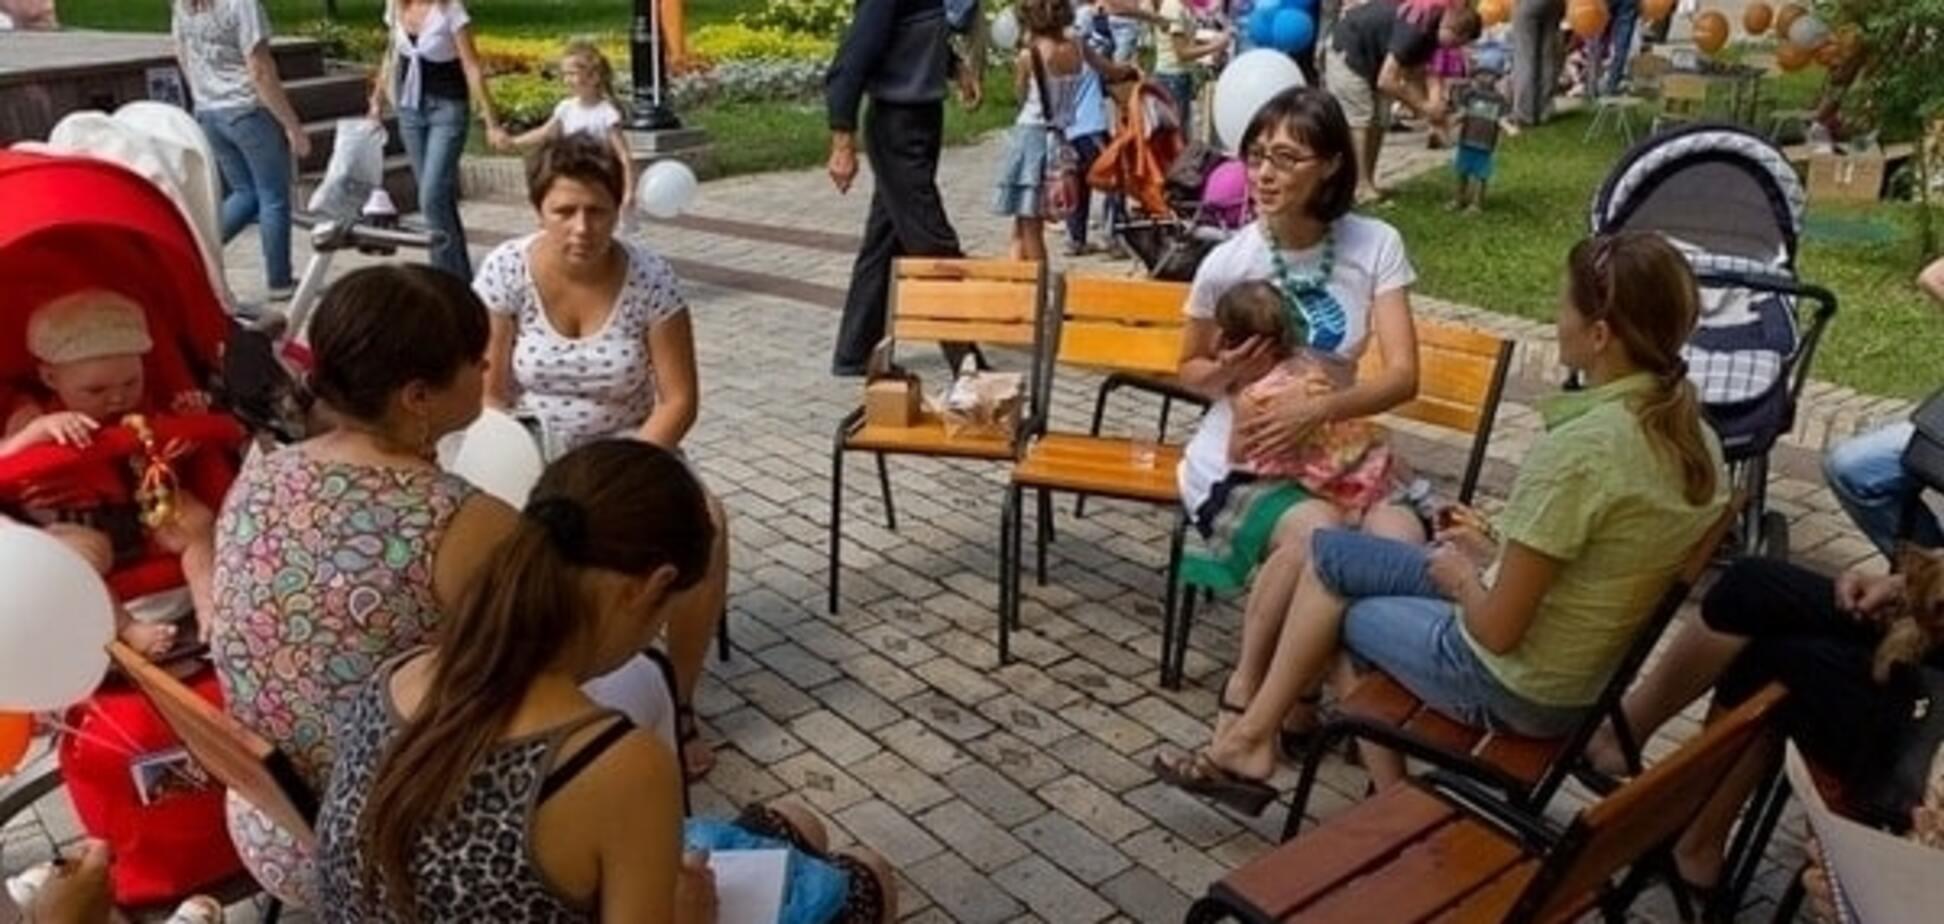 Встреча участников клуба mamaclub.ua на акции от ГПГВ 'Молочные реки' в поддержку грудного вскармливанния в г Киеве состоялась!